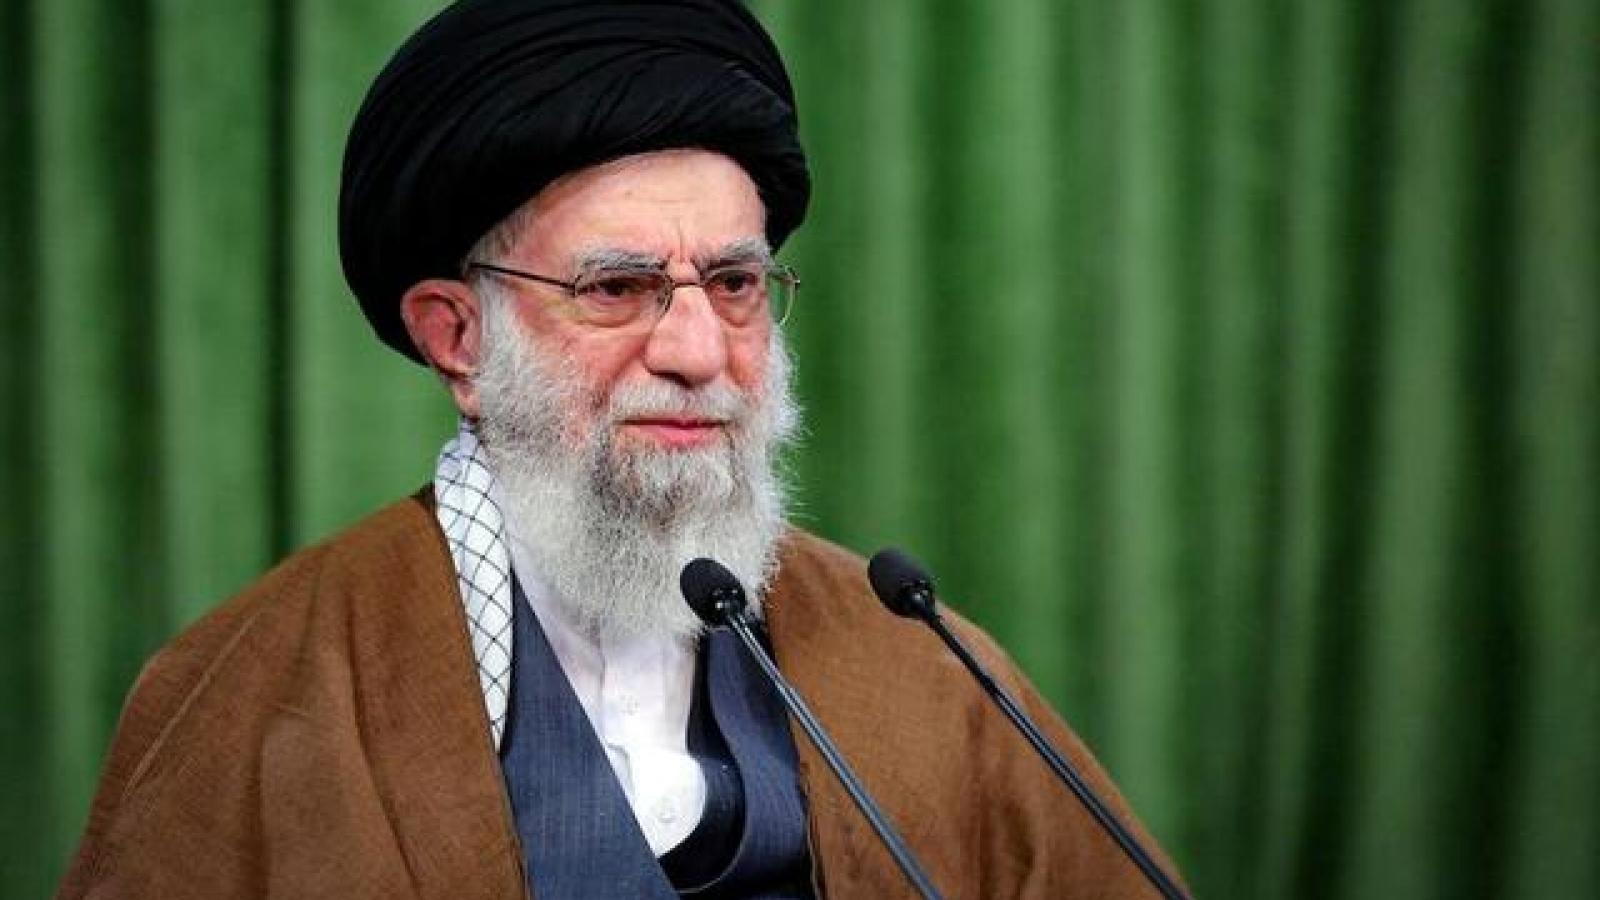 """Lãnh tụ tối cao Khamenei: """"Iran không còn tin vào lời hứa của Mỹ"""""""